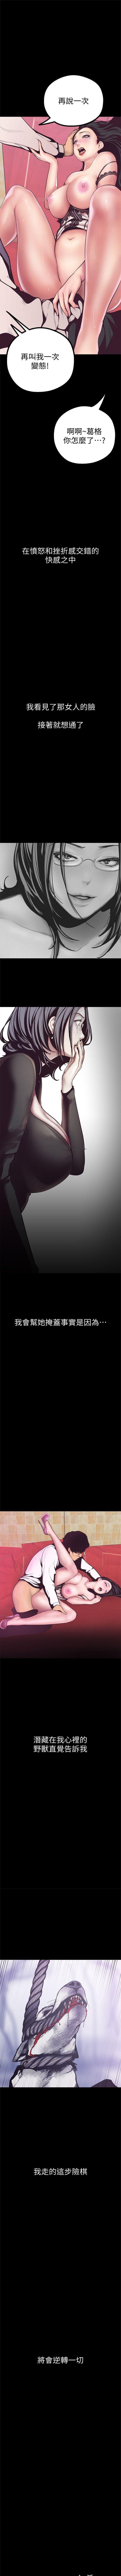 (週1)美麗新世界 1-70 中文翻譯 (更新中) 72